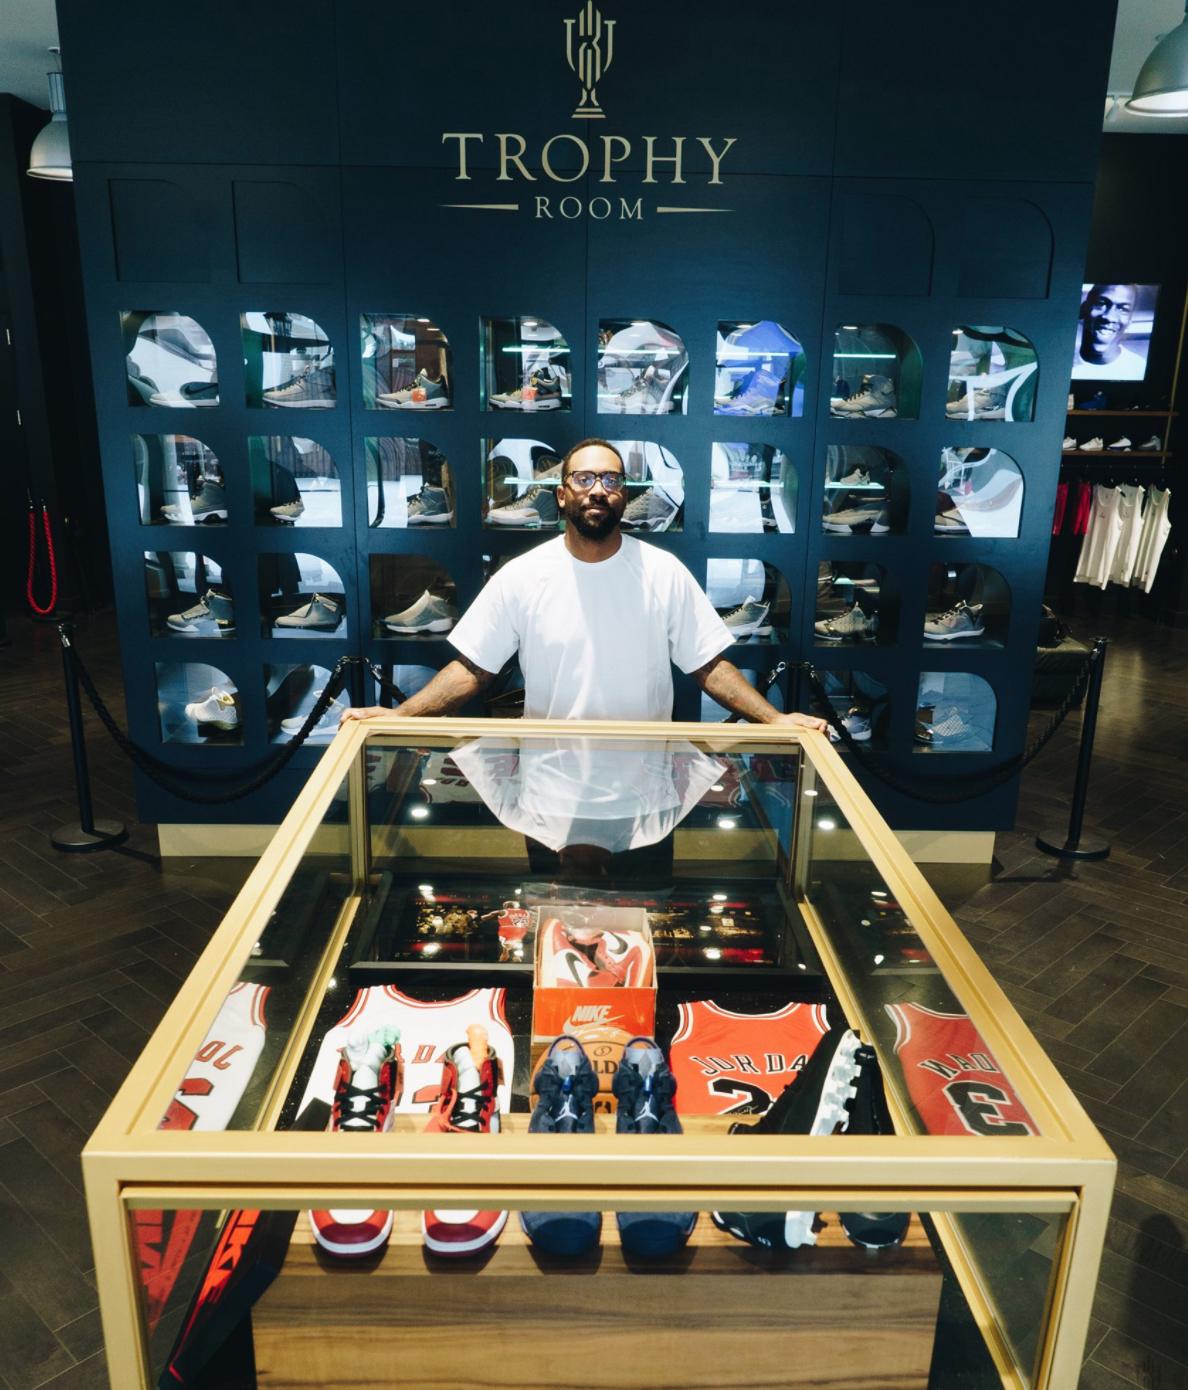 Michael Jordan Sneakers Memorabilia Trophy Room 10